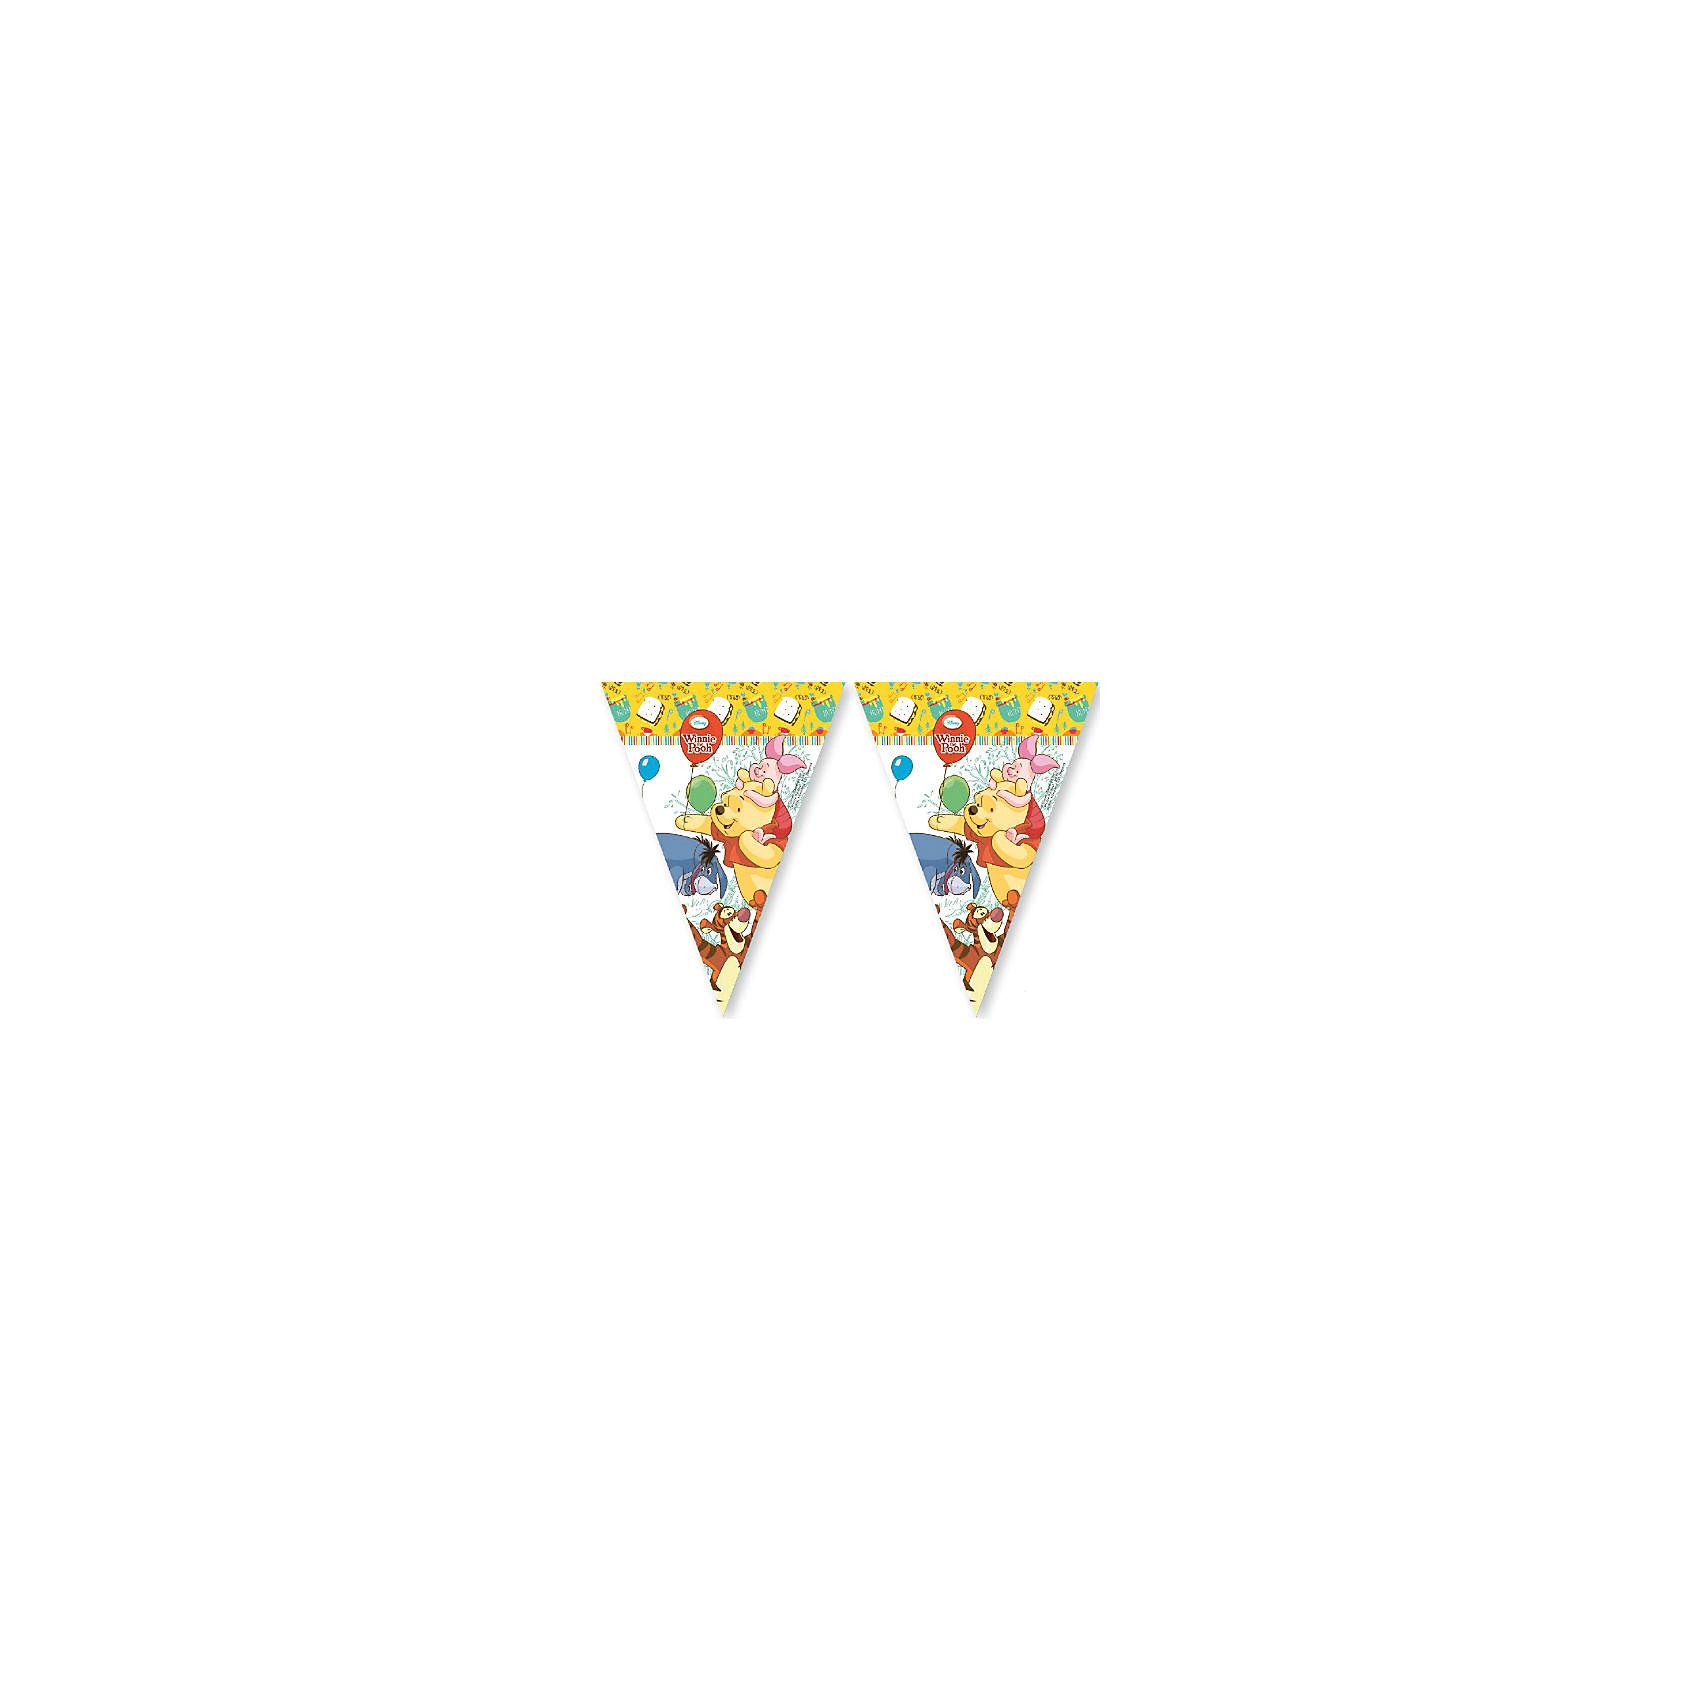 Гирлянда из 9 флажков  Винни и Хрюня )Баннеры и гирлянды для детской вечеринки<br>Характеристики товара:<br><br>• возраст: от 3 лет;<br>• упаковка: пакет;<br>• размер упаковки: 22х37х3 см.;<br>• количество флажков: 9 шт.;<br>• форма флажков: треугольные;<br>• ширина 1 флажка: 20 см, длина: 25 см.;<br>• длина гирлянды - 230 м;<br>• цвет: белый с рисунком;<br>• материал: клеенка, полиэстер 100%;<br>• бренд, страна: Procos, Россия;<br>• страна-производитель: Греция<br><br> Гирлянда из 9 флажков «Винни и Хрюня» - это девять треугольных флажков с изображением забавных персонажей любимого мультфильма медвежонка Винни-Пуха,  Хрюни, ослика Иа и Тигры. Такая гирлянда будет отличным укращением помещения и сделает  торжество Вашего ребенка еще интересней, увлекательней и веселей. <br><br>Гирлянда от греческого бренда Procos, который на протяжении многих лет производит качественные товары для детского праздника, товар изготовлен из безопасных для здоровья ребенка материалов, прошедших соответствие европейским стандартам качества. <br><br>Гирлянда «Винни и Хрюня», 9 флажков, Procos (Прокос)  можно купить в нашем интернет-магазине.<br><br>Ширина мм: 1<br>Глубина мм: 224<br>Высота мм: 370<br>Вес г: 5<br>Возраст от месяцев: 36<br>Возраст до месяцев: 120<br>Пол: Унисекс<br>Возраст: Детский<br>SKU: 6914337